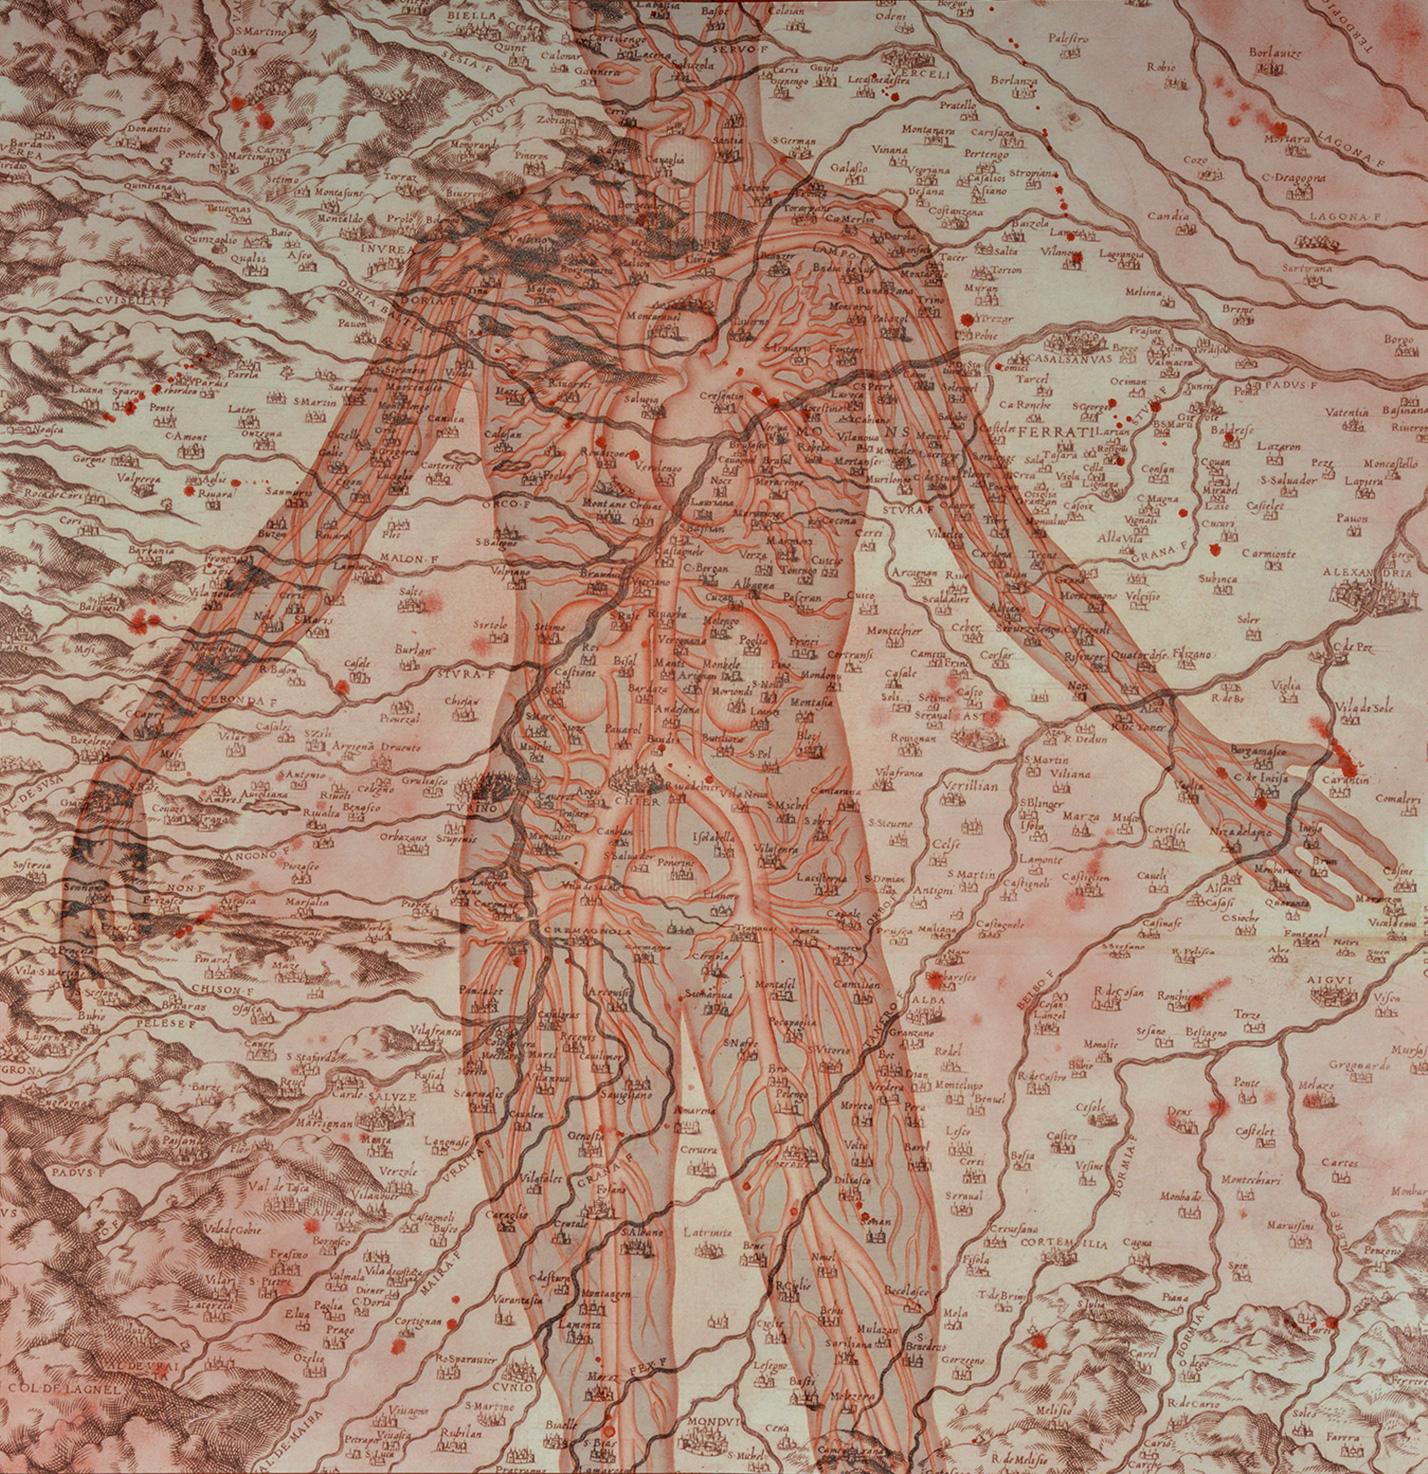 Stefano Bolzano, Di questa terra, acquerello su carta applicato su due pannelli, 104x106 cm, 2020.